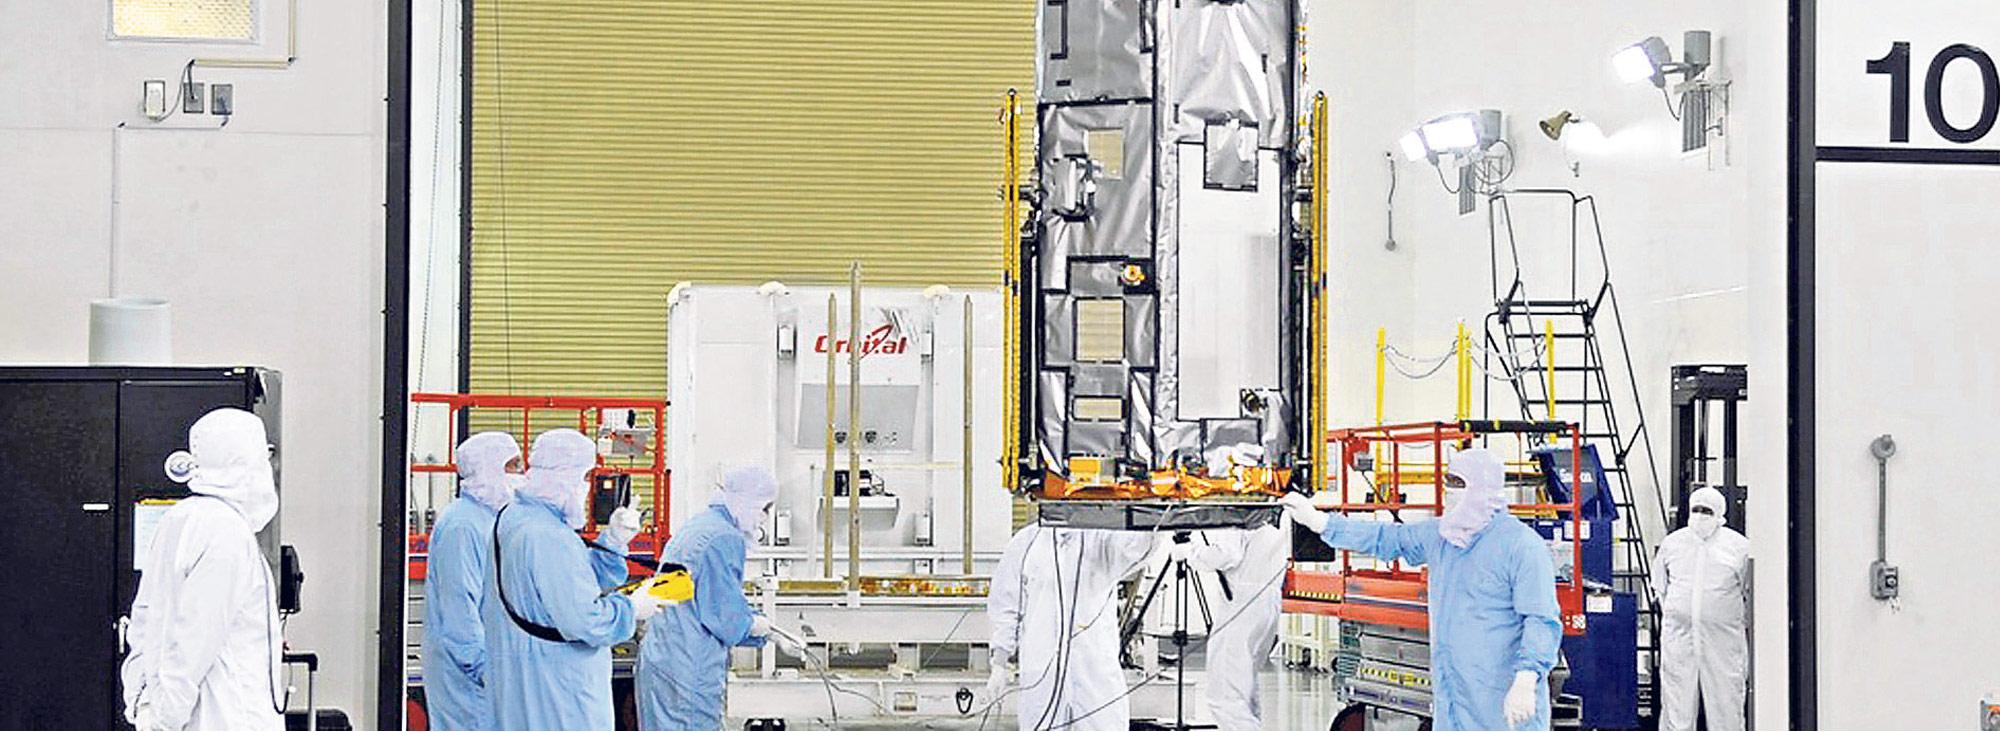 Técnicos de la NASA durante la construcción y el proceso de preparación de lanzamiento del satélite OCO-2. Foto: nasa.com